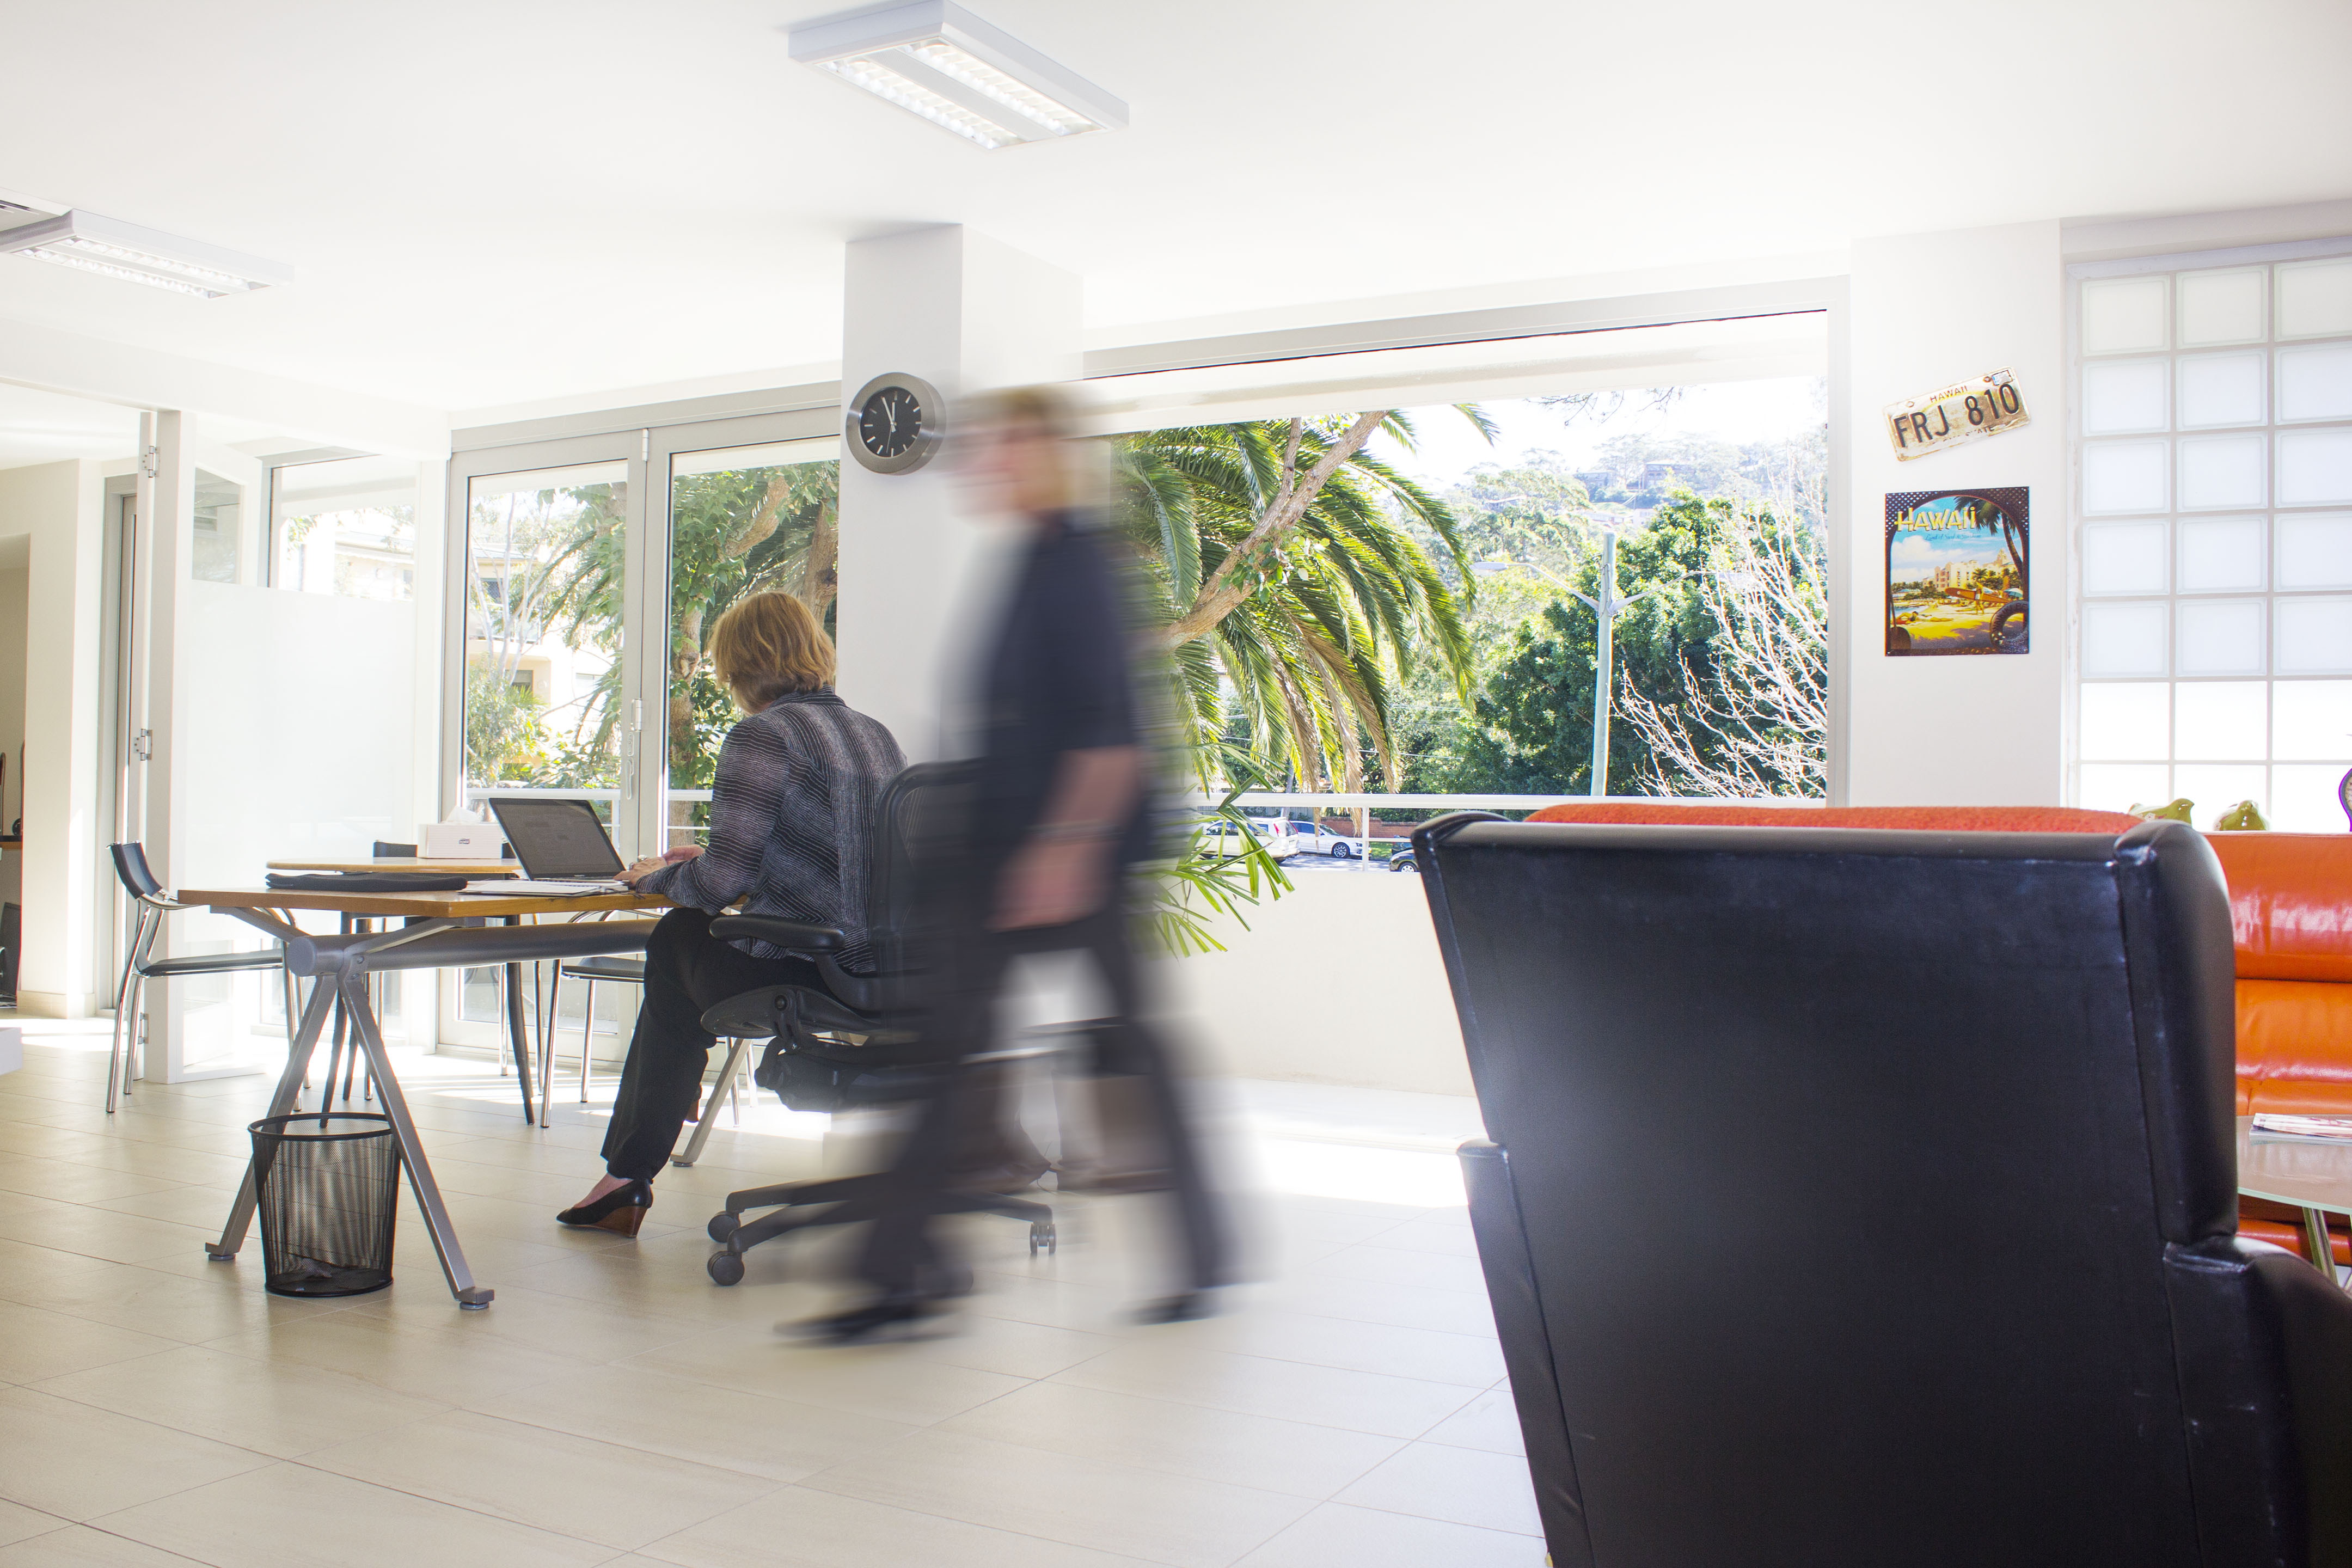 collaborative office collaborative spaces 320. CoworkingSydney Collaborative Office Spaces 320